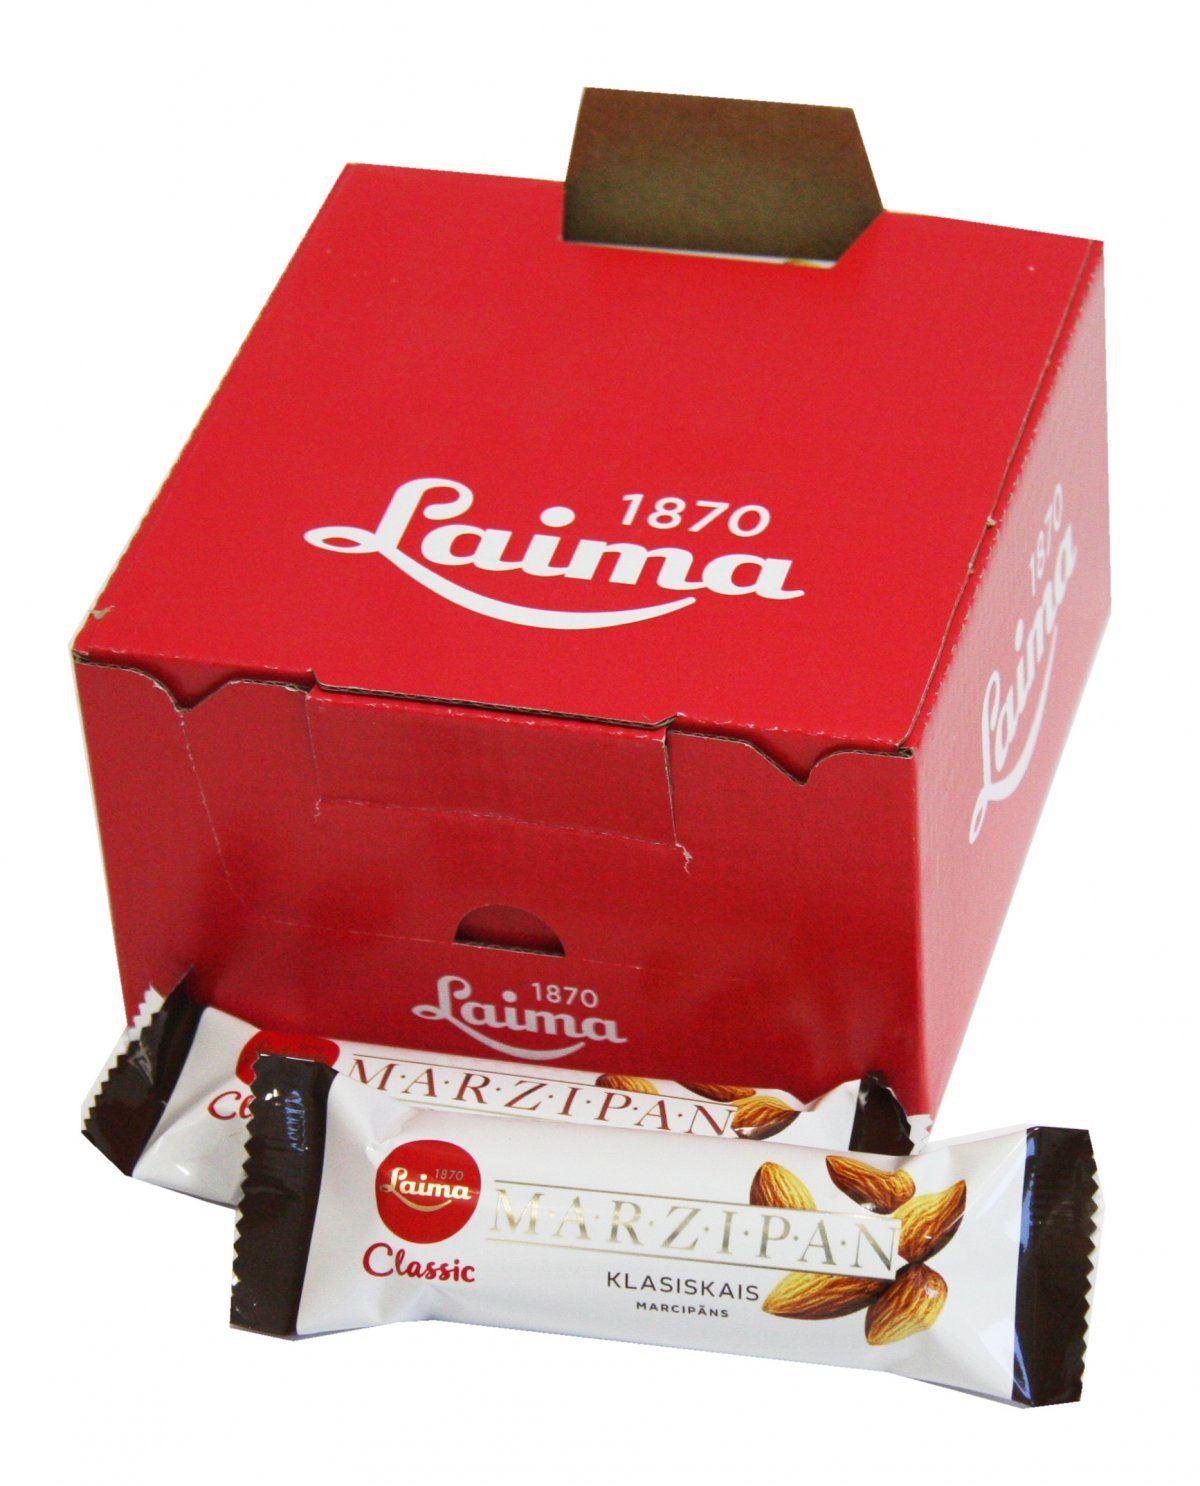 Laima Конфета марципановая шоколадный батончик, 40 г4750001950014Марципановая конфета. Содержание миндаля по европейским стандартам. Только миндаль в темном шоколаде.